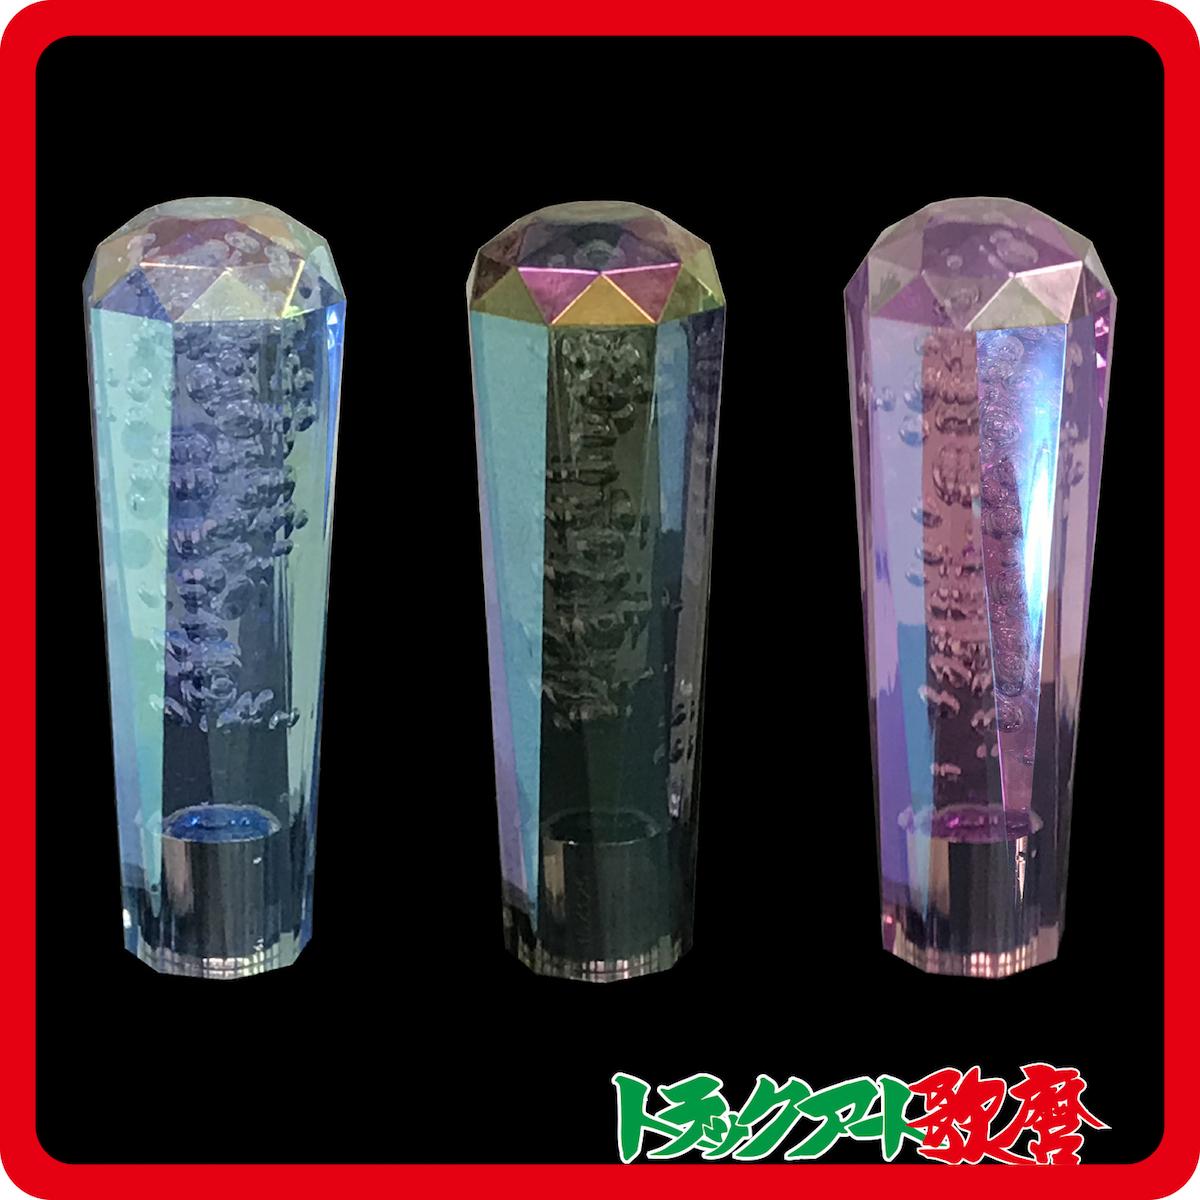 ミラーコートダイヤ泡ノブ ★150mm マルチタイプ